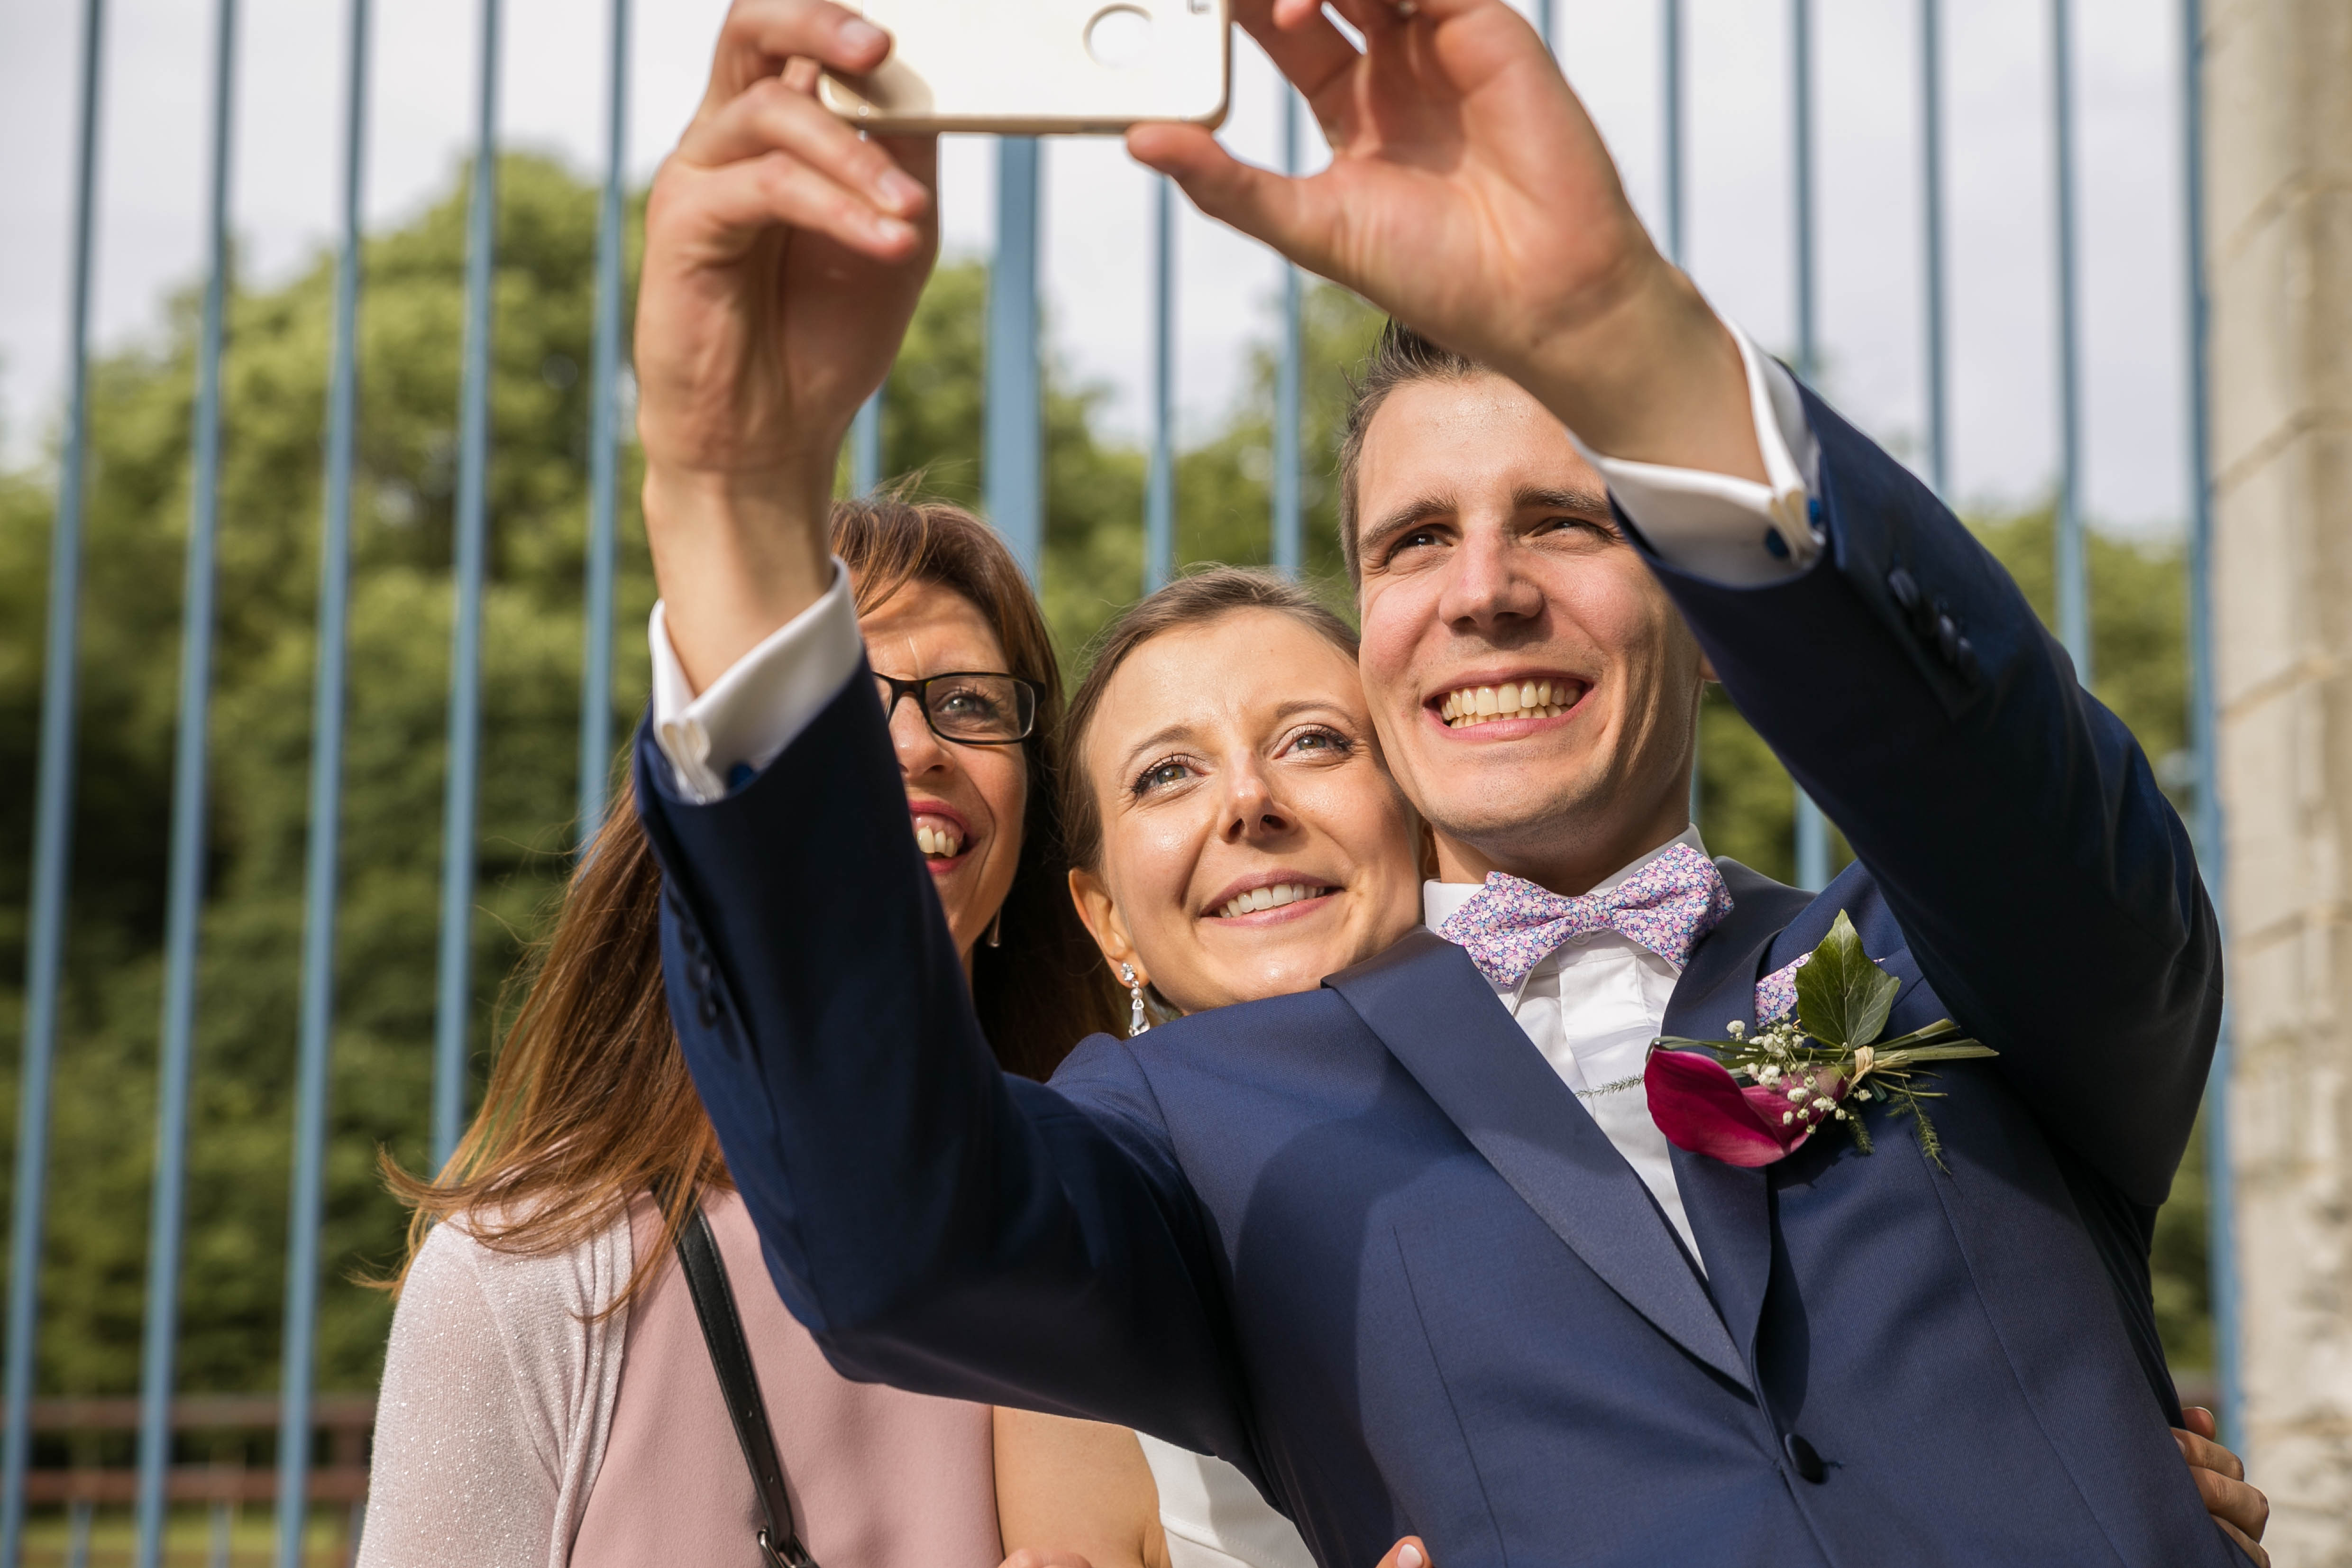 Mariage au chateau de rebreuve ranchicourt-nord pas de calais-Nord-selfie mariés